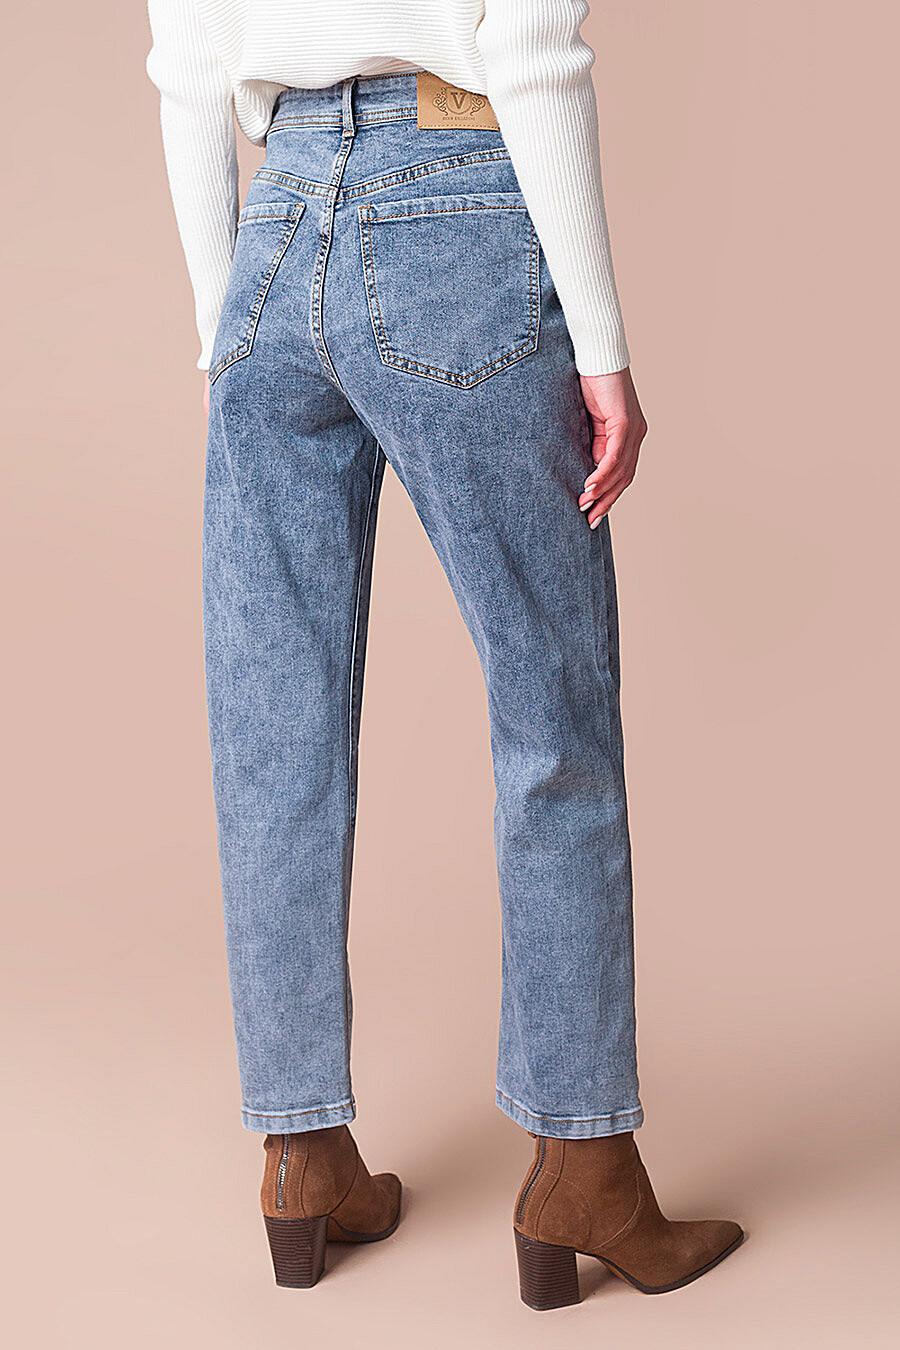 Джинсы для женщин VILATTE 707531 купить оптом от производителя. Совместная покупка женской одежды в OptMoyo